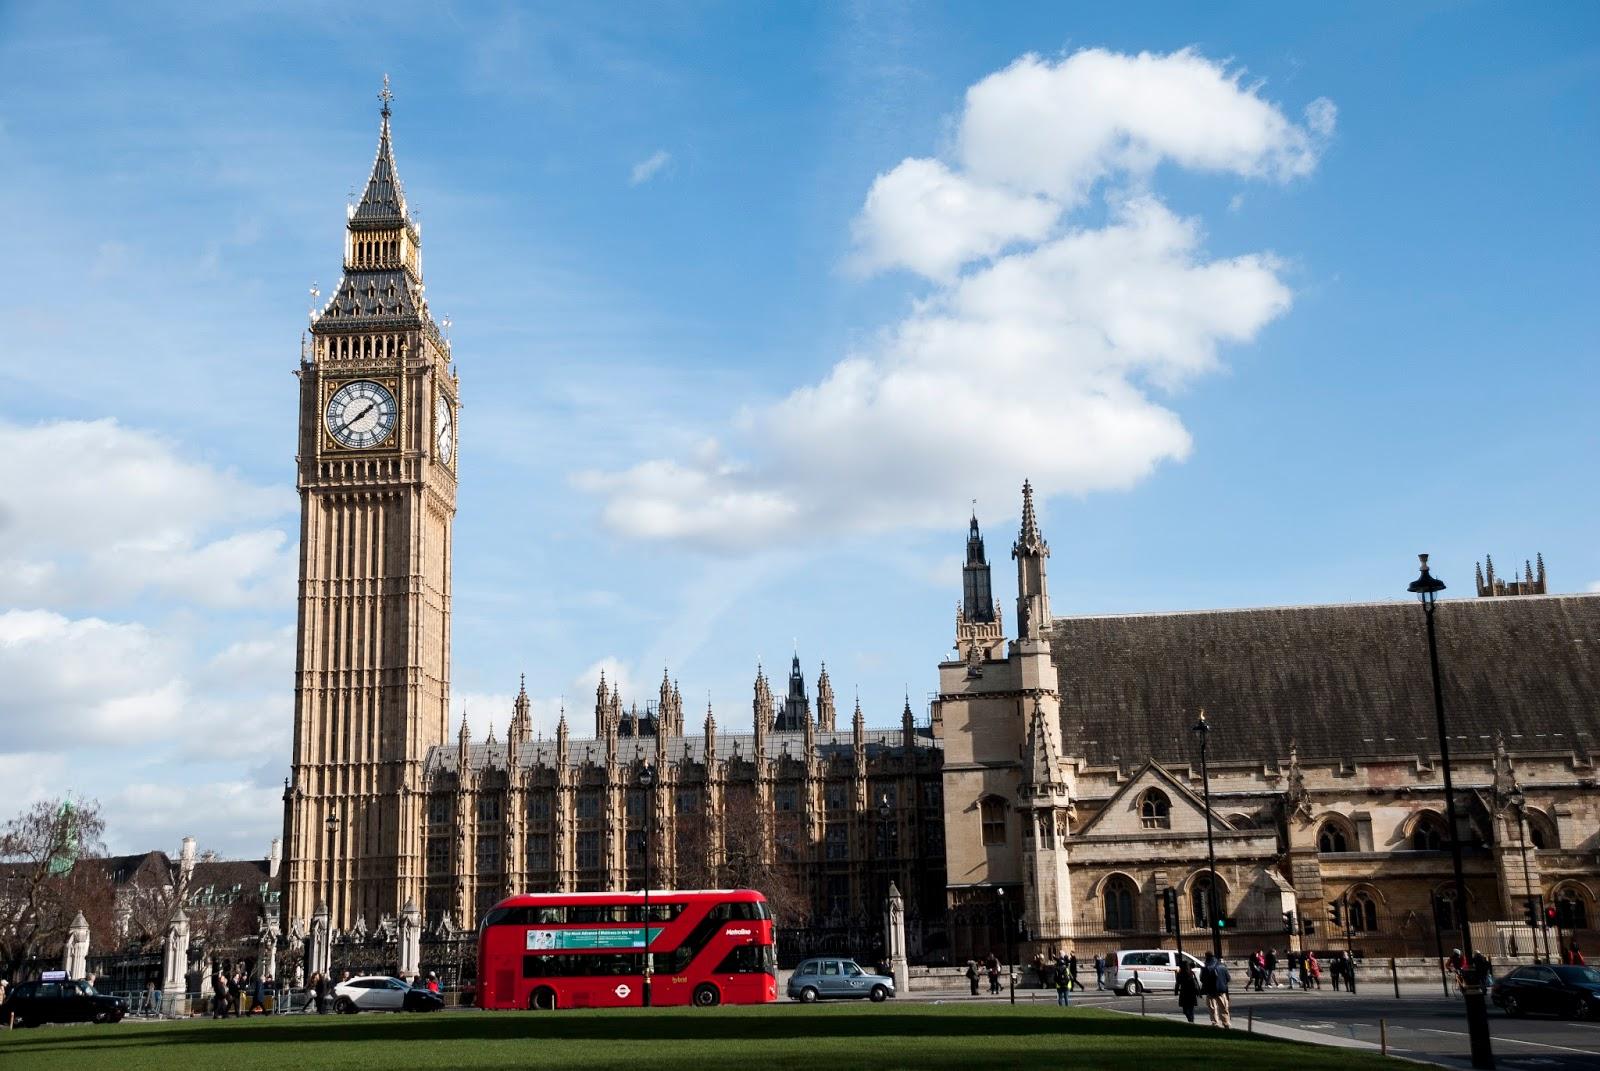 Zijaanzicht van Elizabeth Tower (Big Ben) en een deel van de Houses of Parliament in Londen